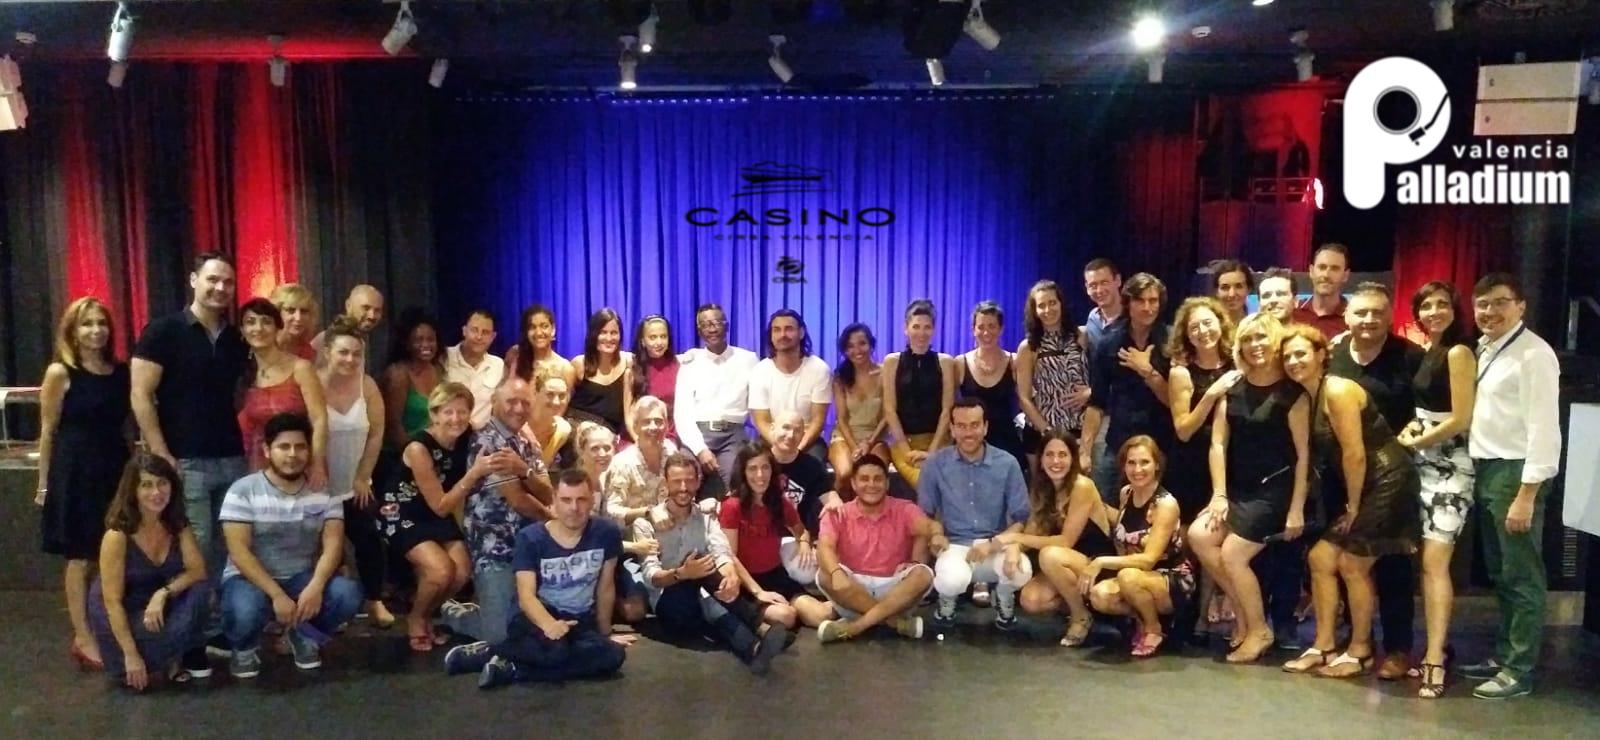 Palladium Valencia Casino Cirsa Valencia 11 Agosto 2018